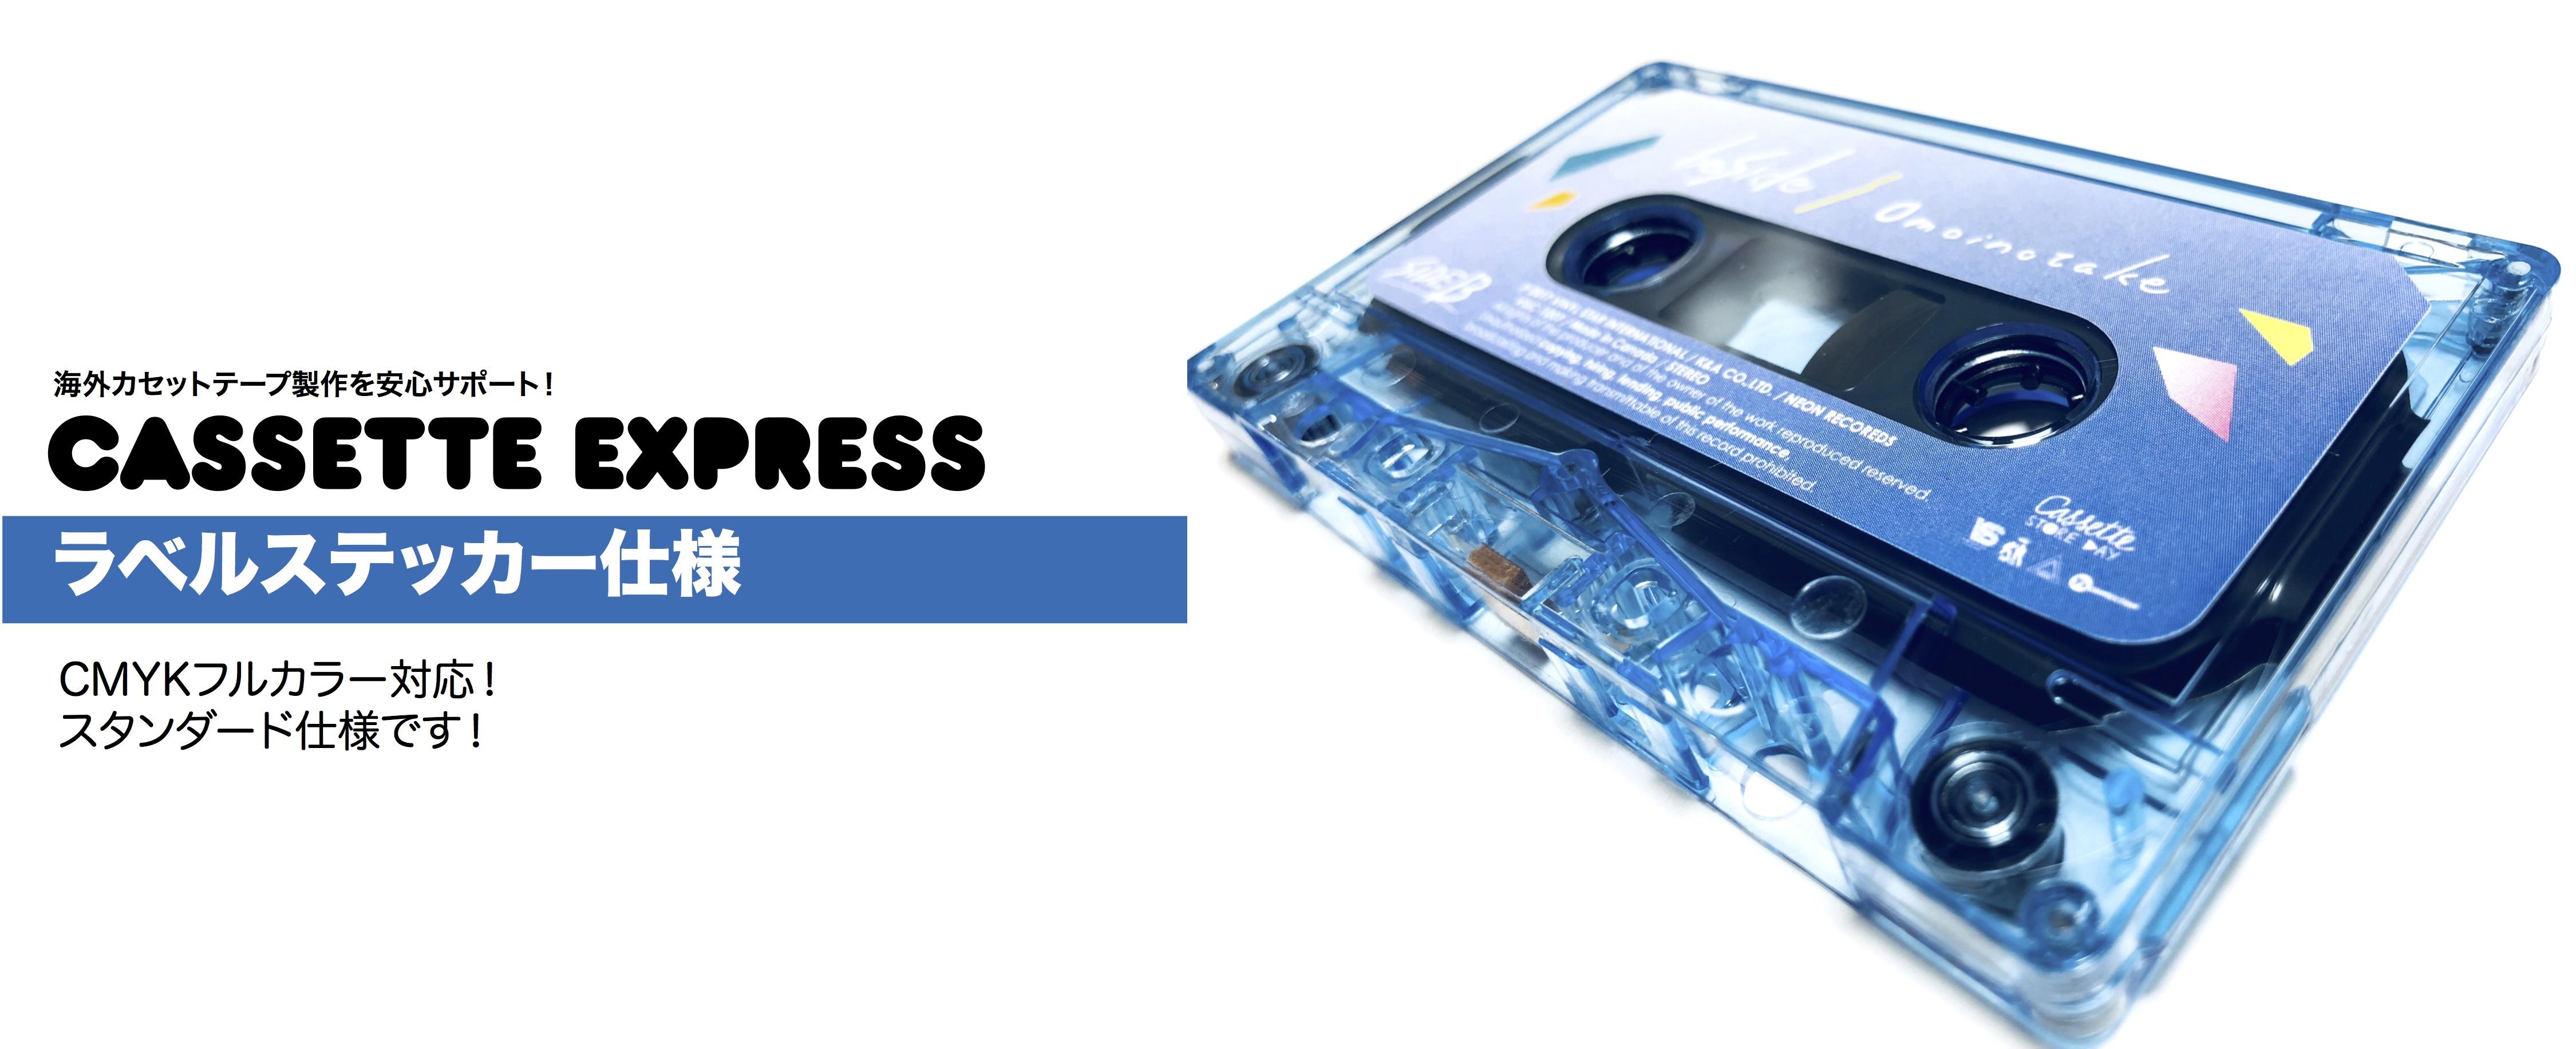 cassette express 海外カセットテープ製作を安心サポート cassettes